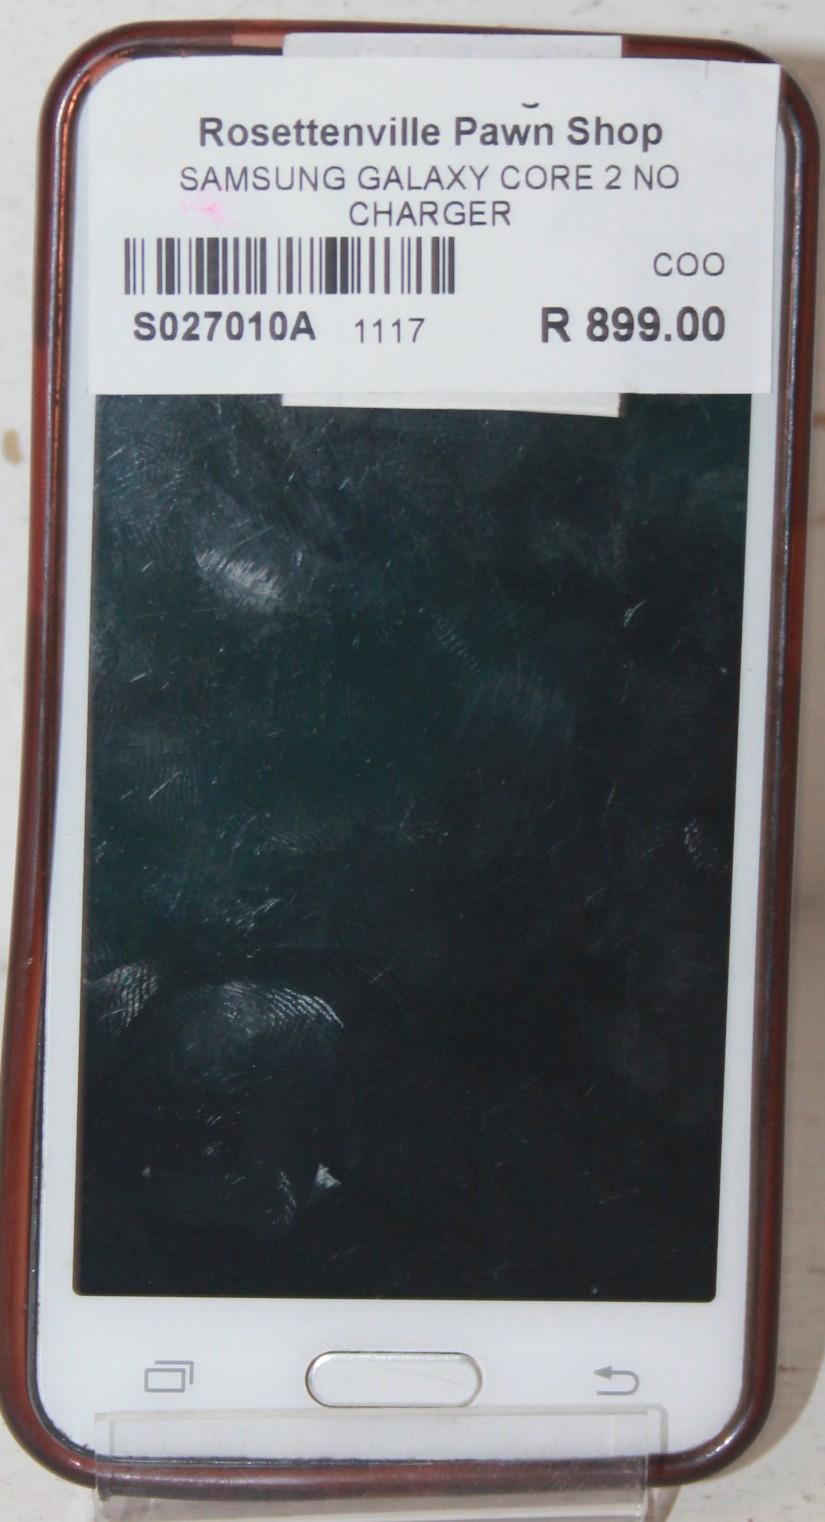 Samsung galaxy s027010a #Rosettenvillepawnshop